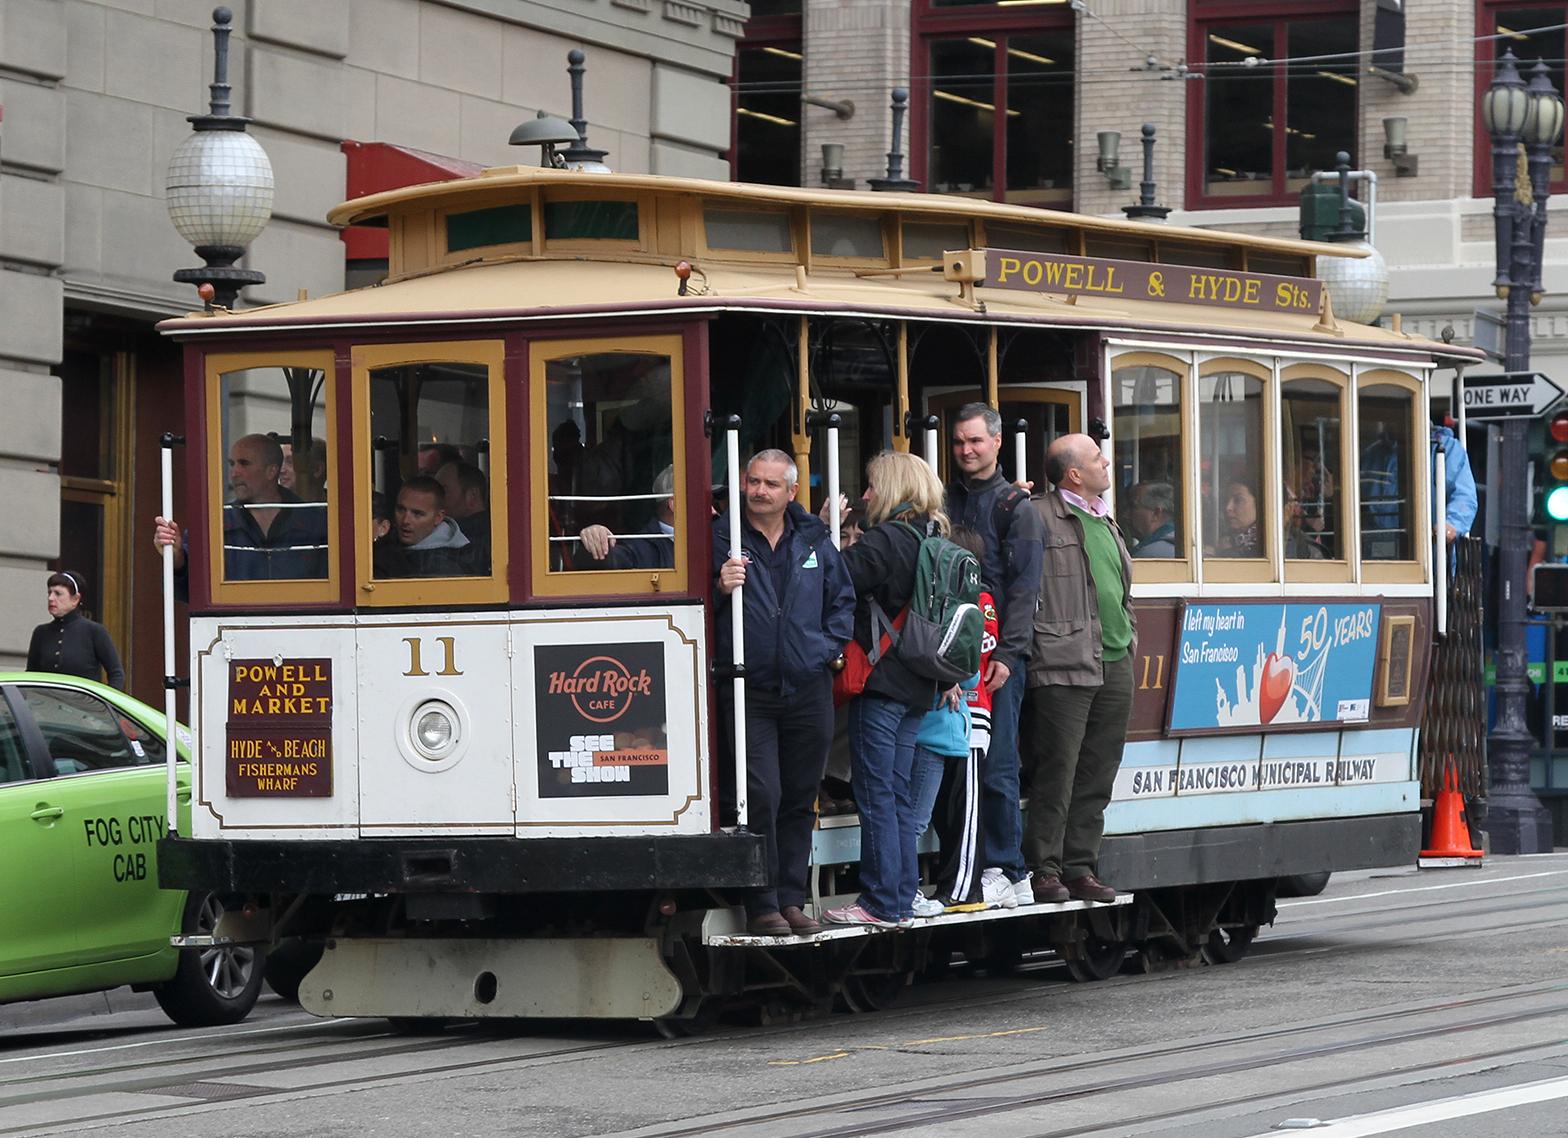 Случайный трамвай посреди незнакомого города